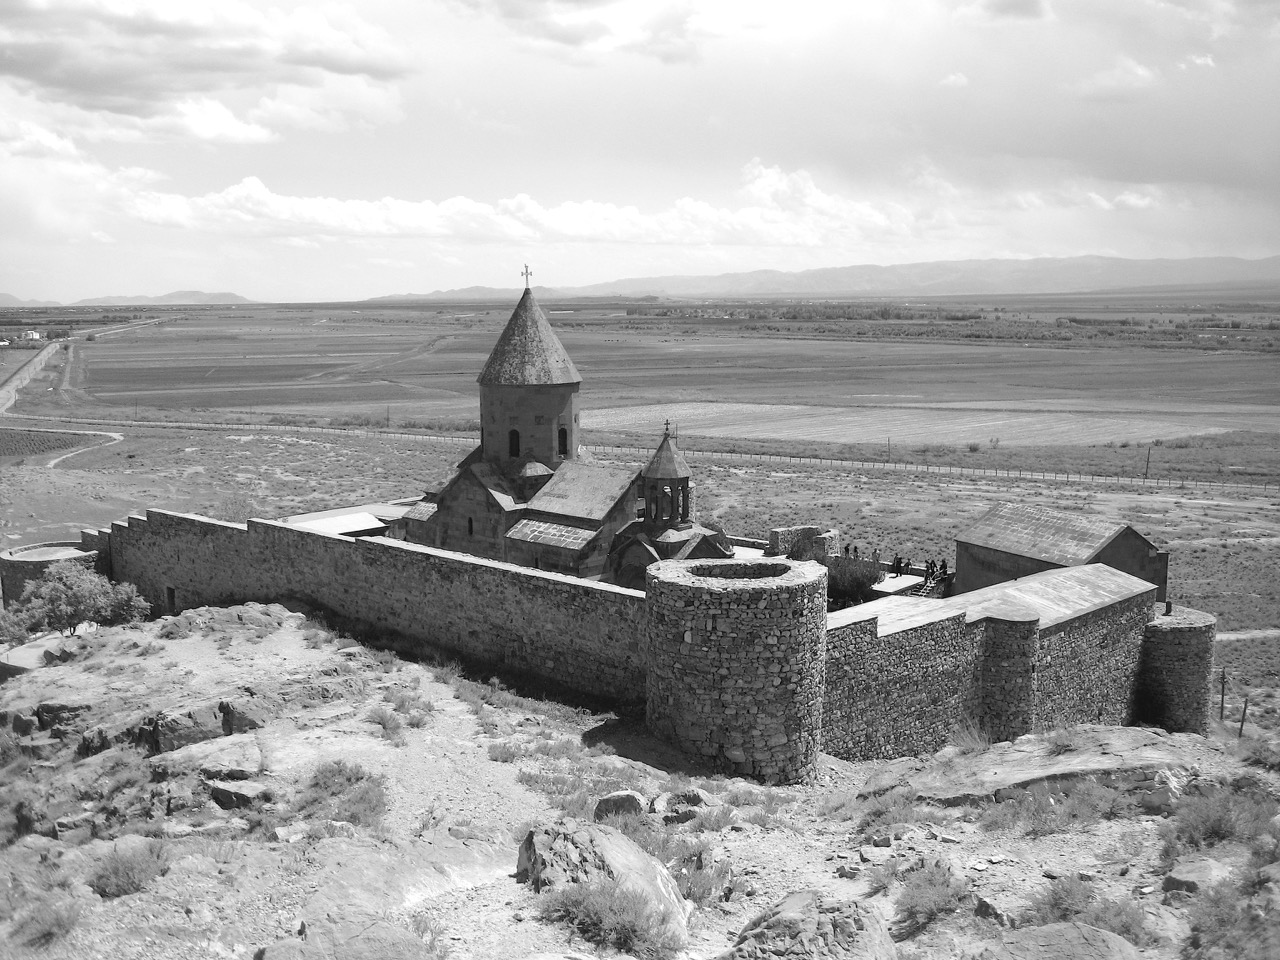 Foto: Kloster Chor Virap. Aus: Eriwan. Kapitel 4. Aufzeichnungen aus Armenien von Marc Degens.